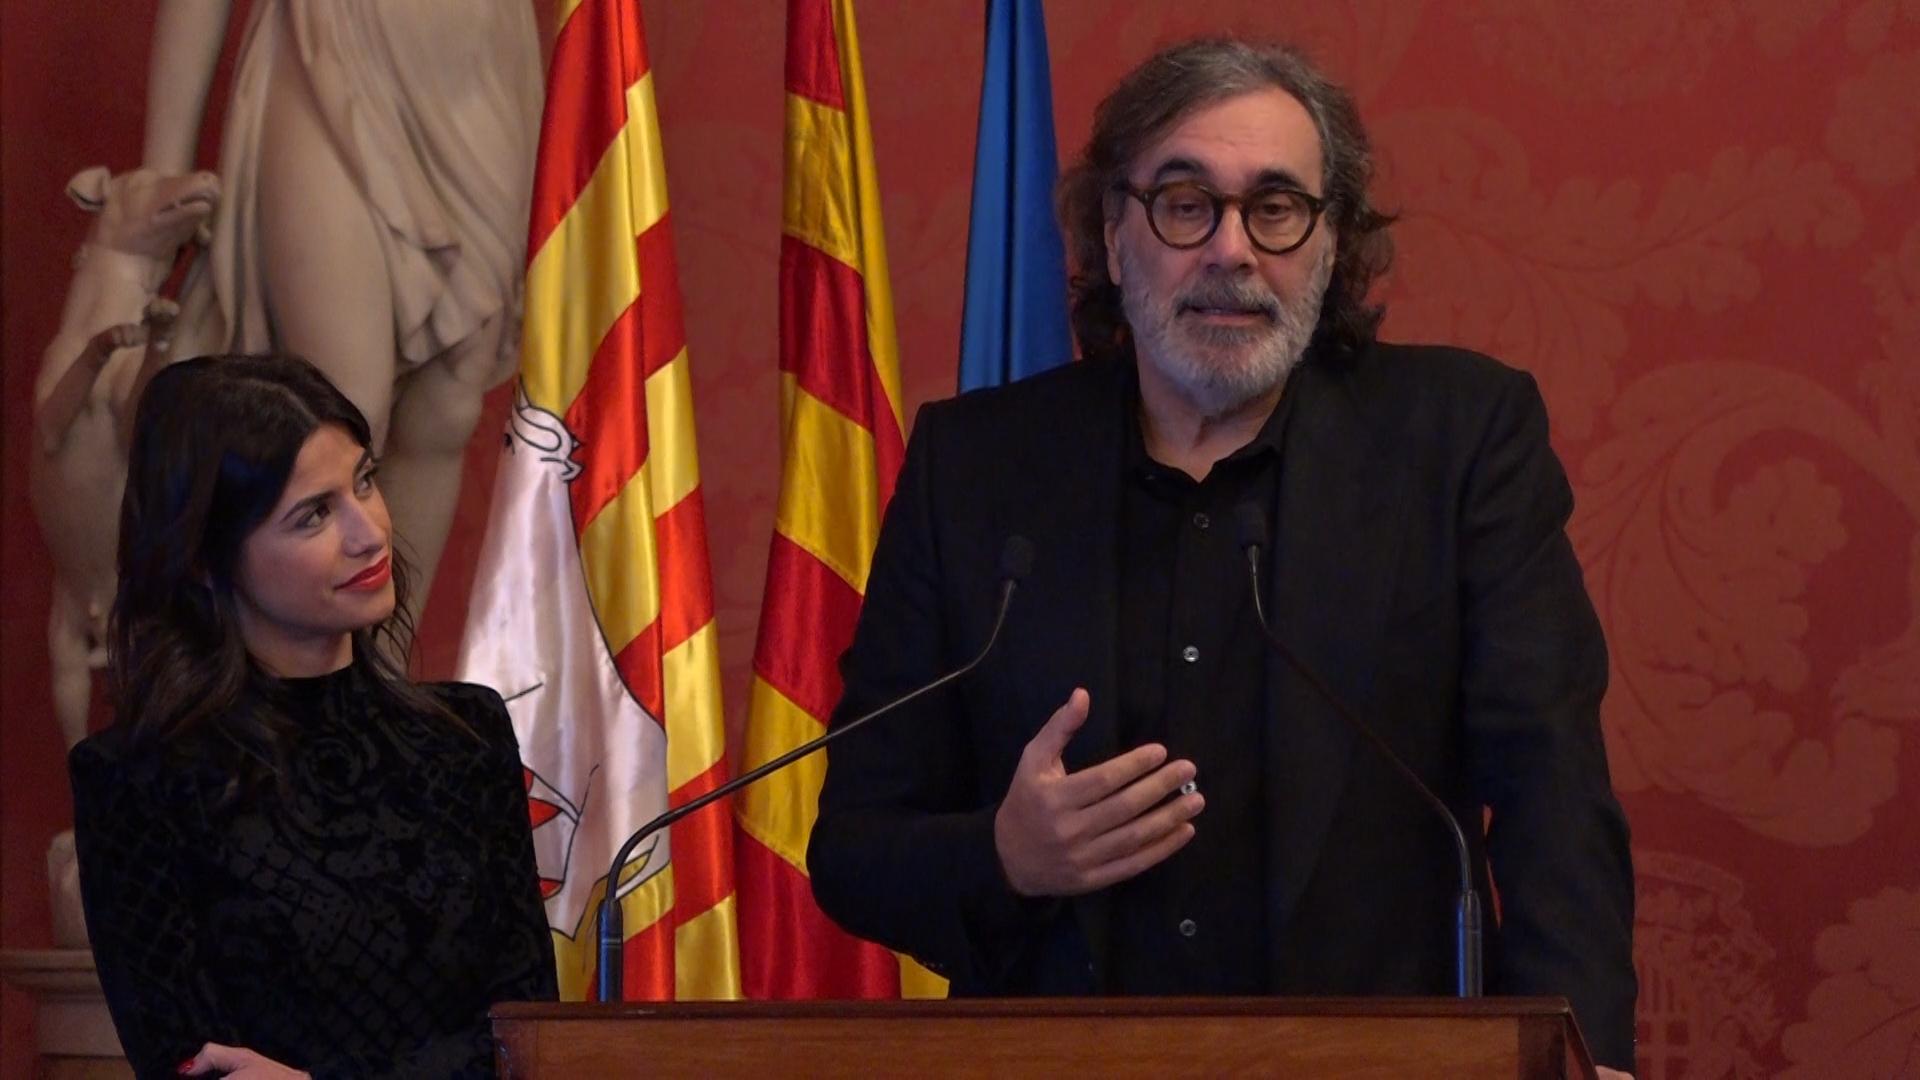 Tatxo Benet i Ares Teixidó seran els primers ambaixadors de l'Oli de Qualitat de Catalunya